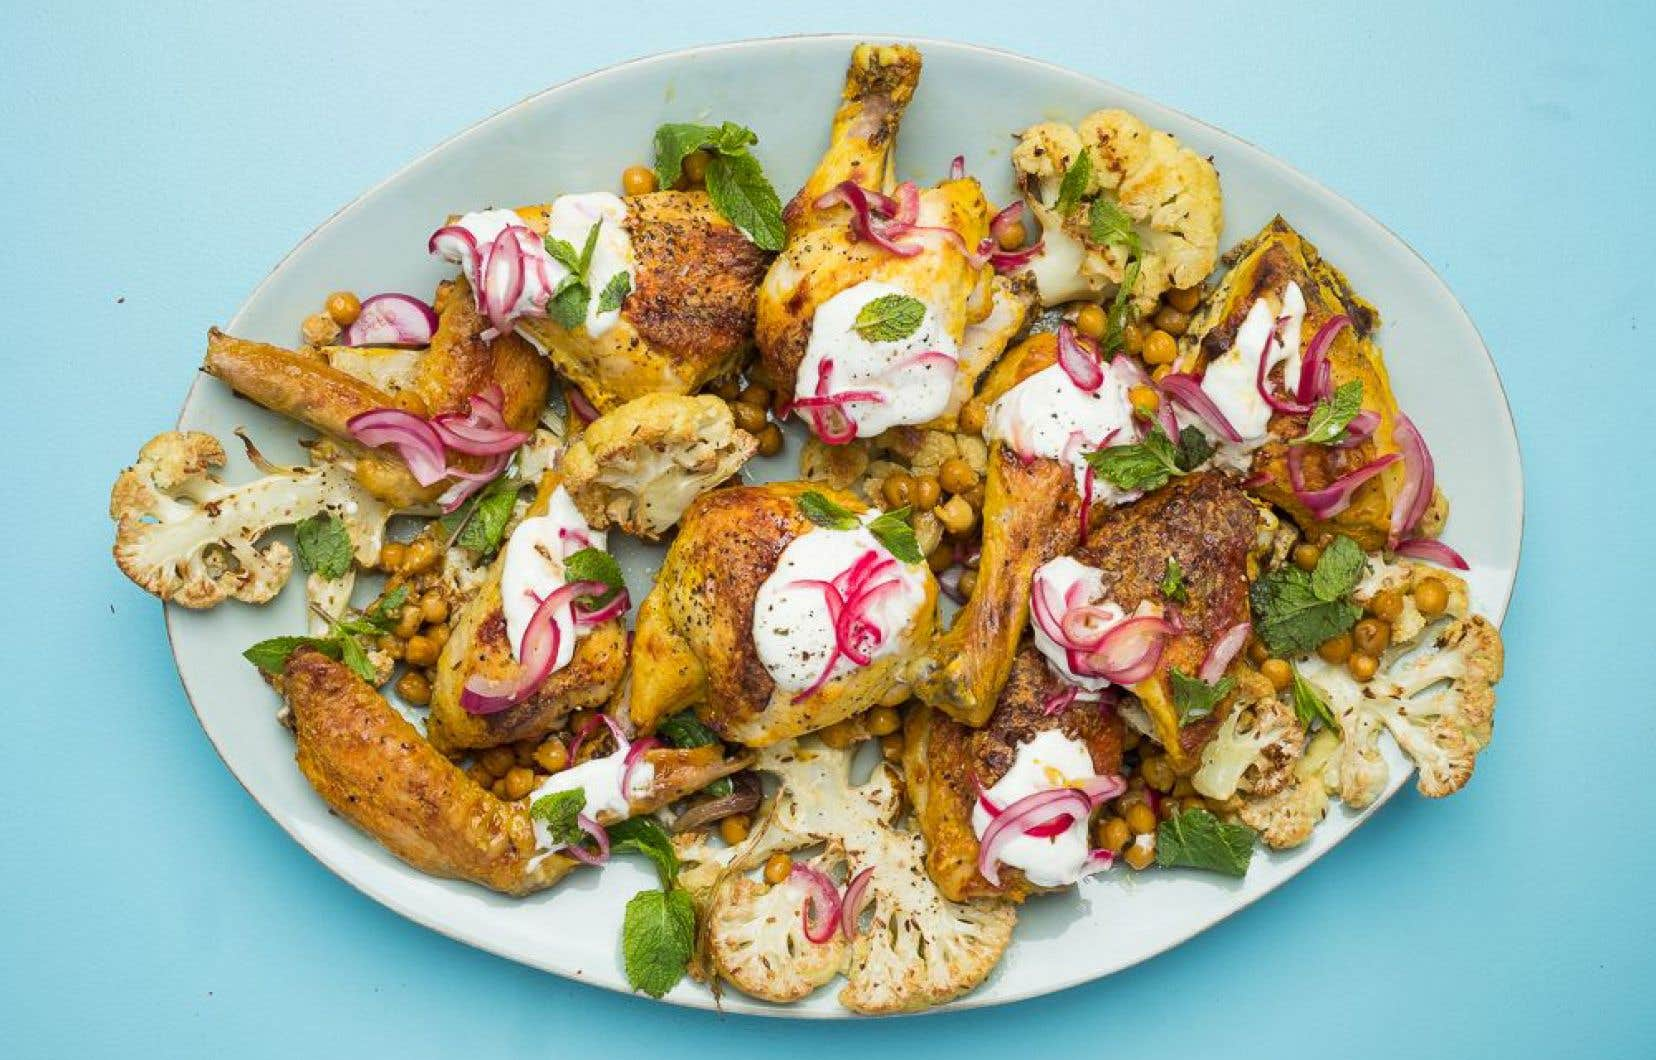 Servir le poulet garni de sauce au yaourt et de l'oignon mariné, puis décorer de feuilles de menthe.